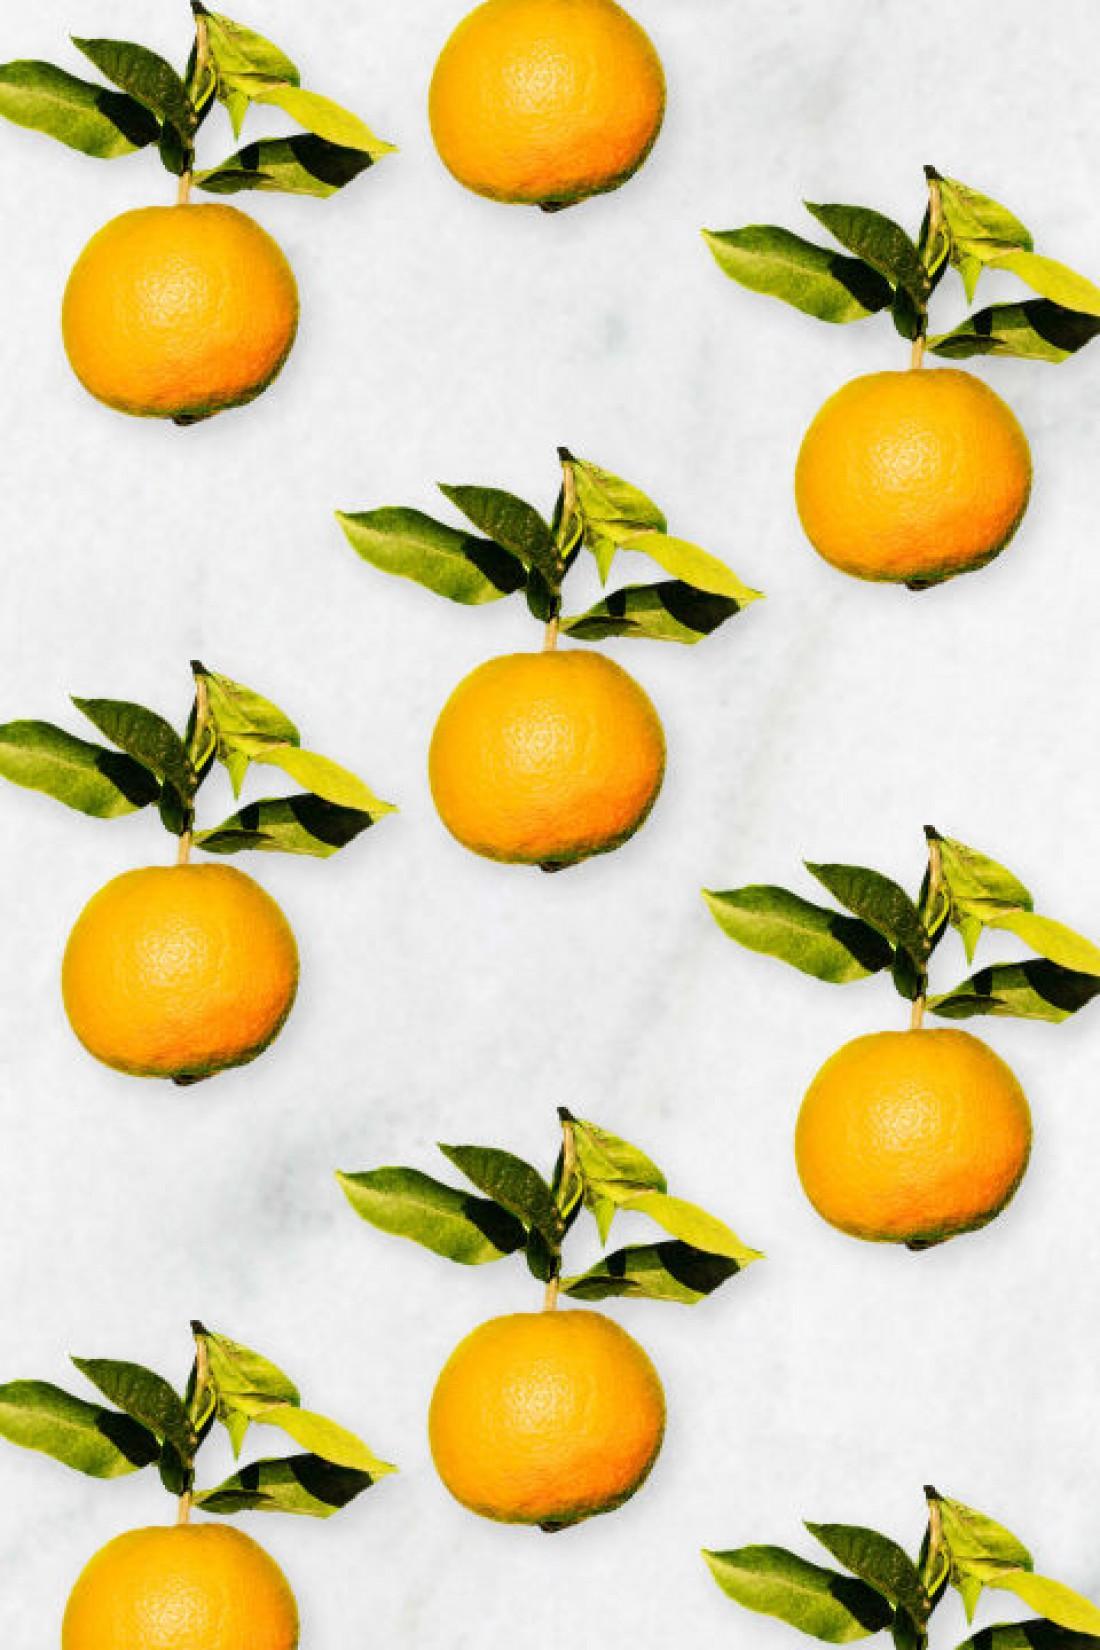 Ешь больше цитрусовых